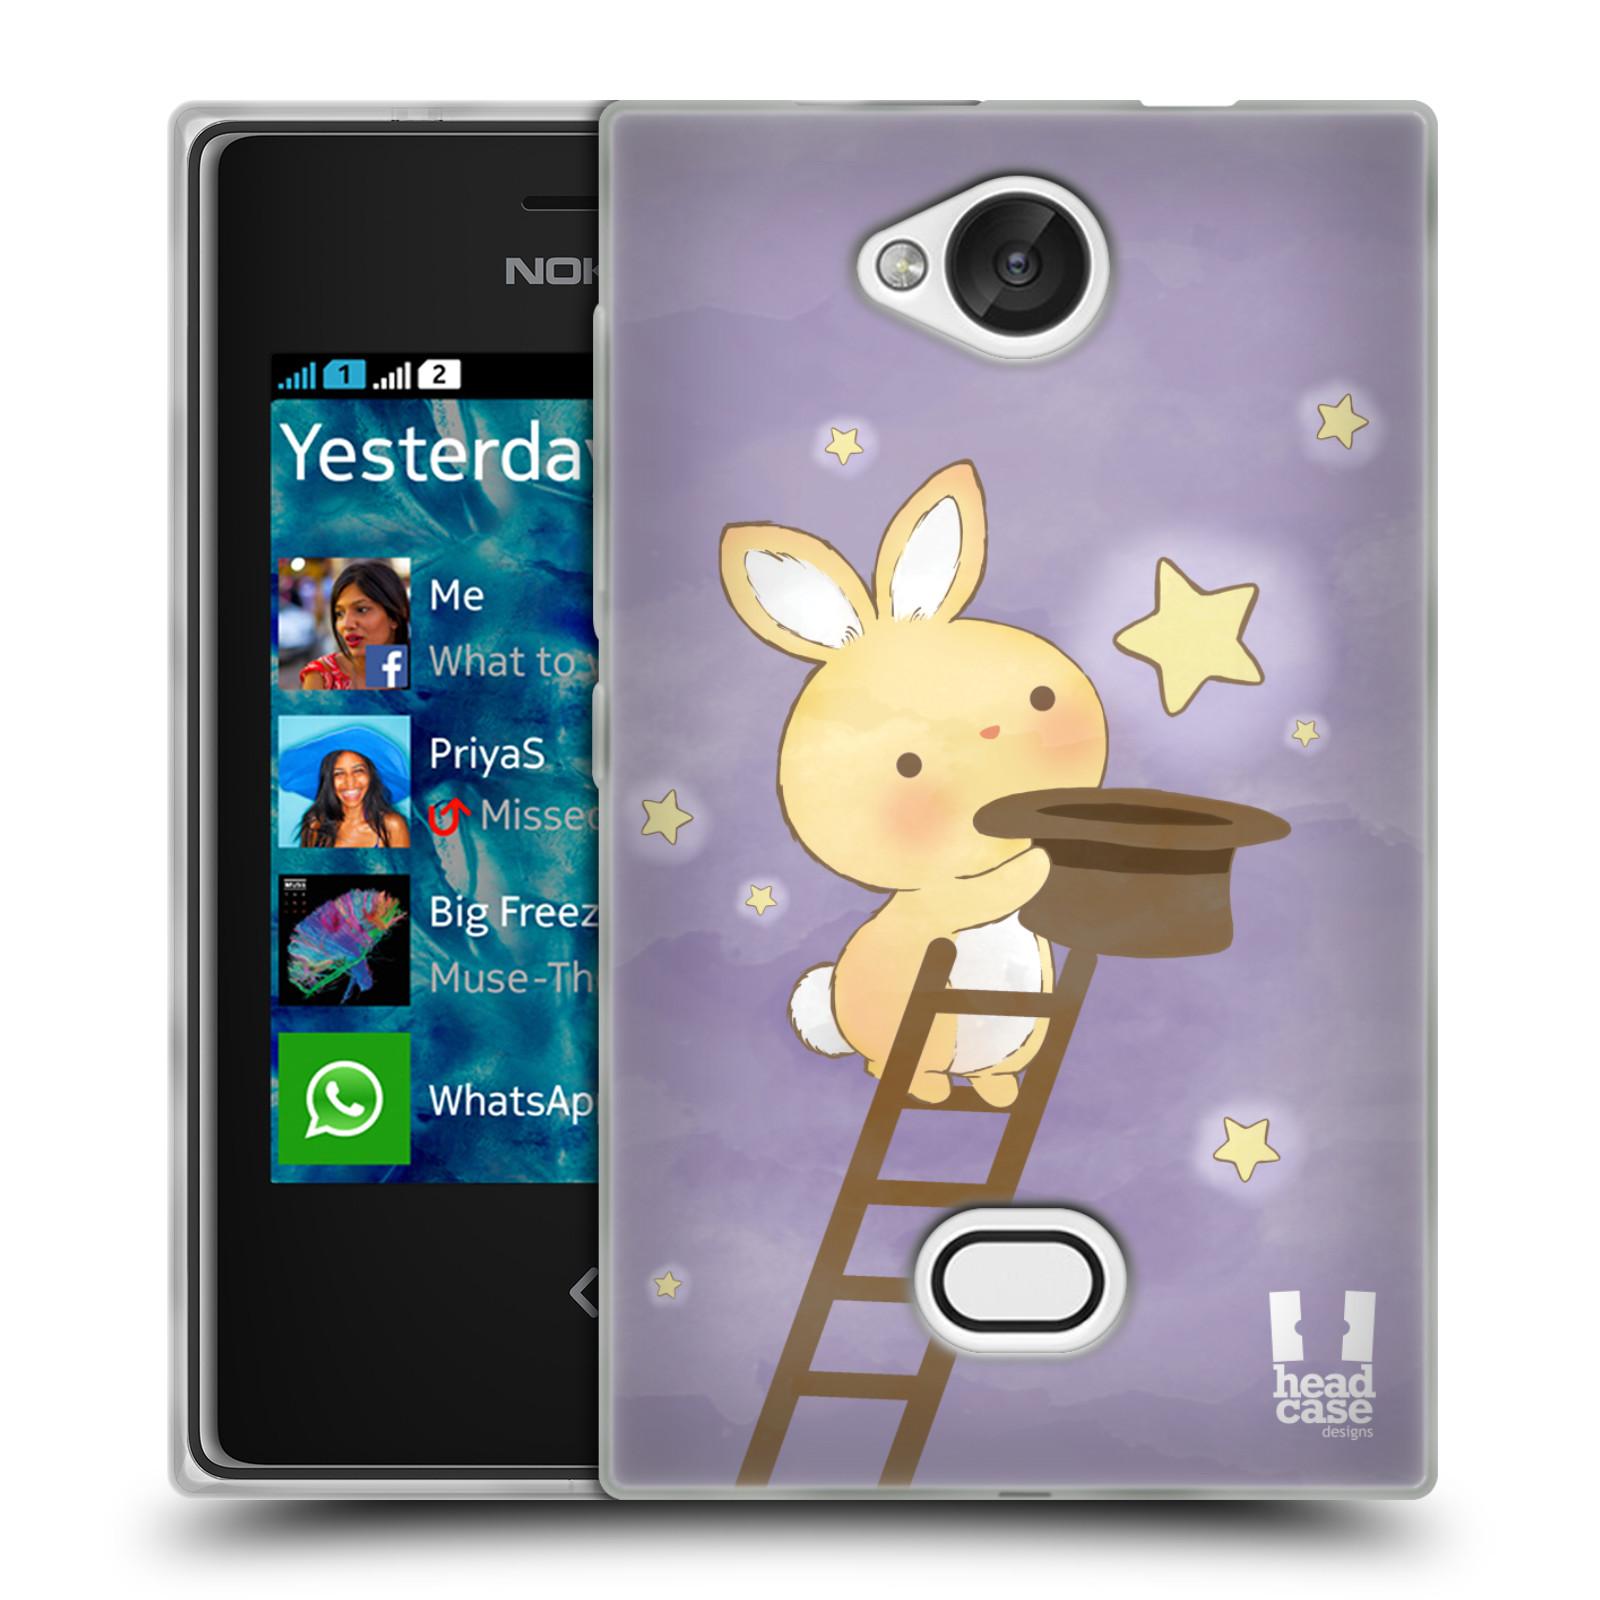 HEAD CASE silikonový obal na mobil NOKIA Asha 503 vzor králíček a hvězdy fialová